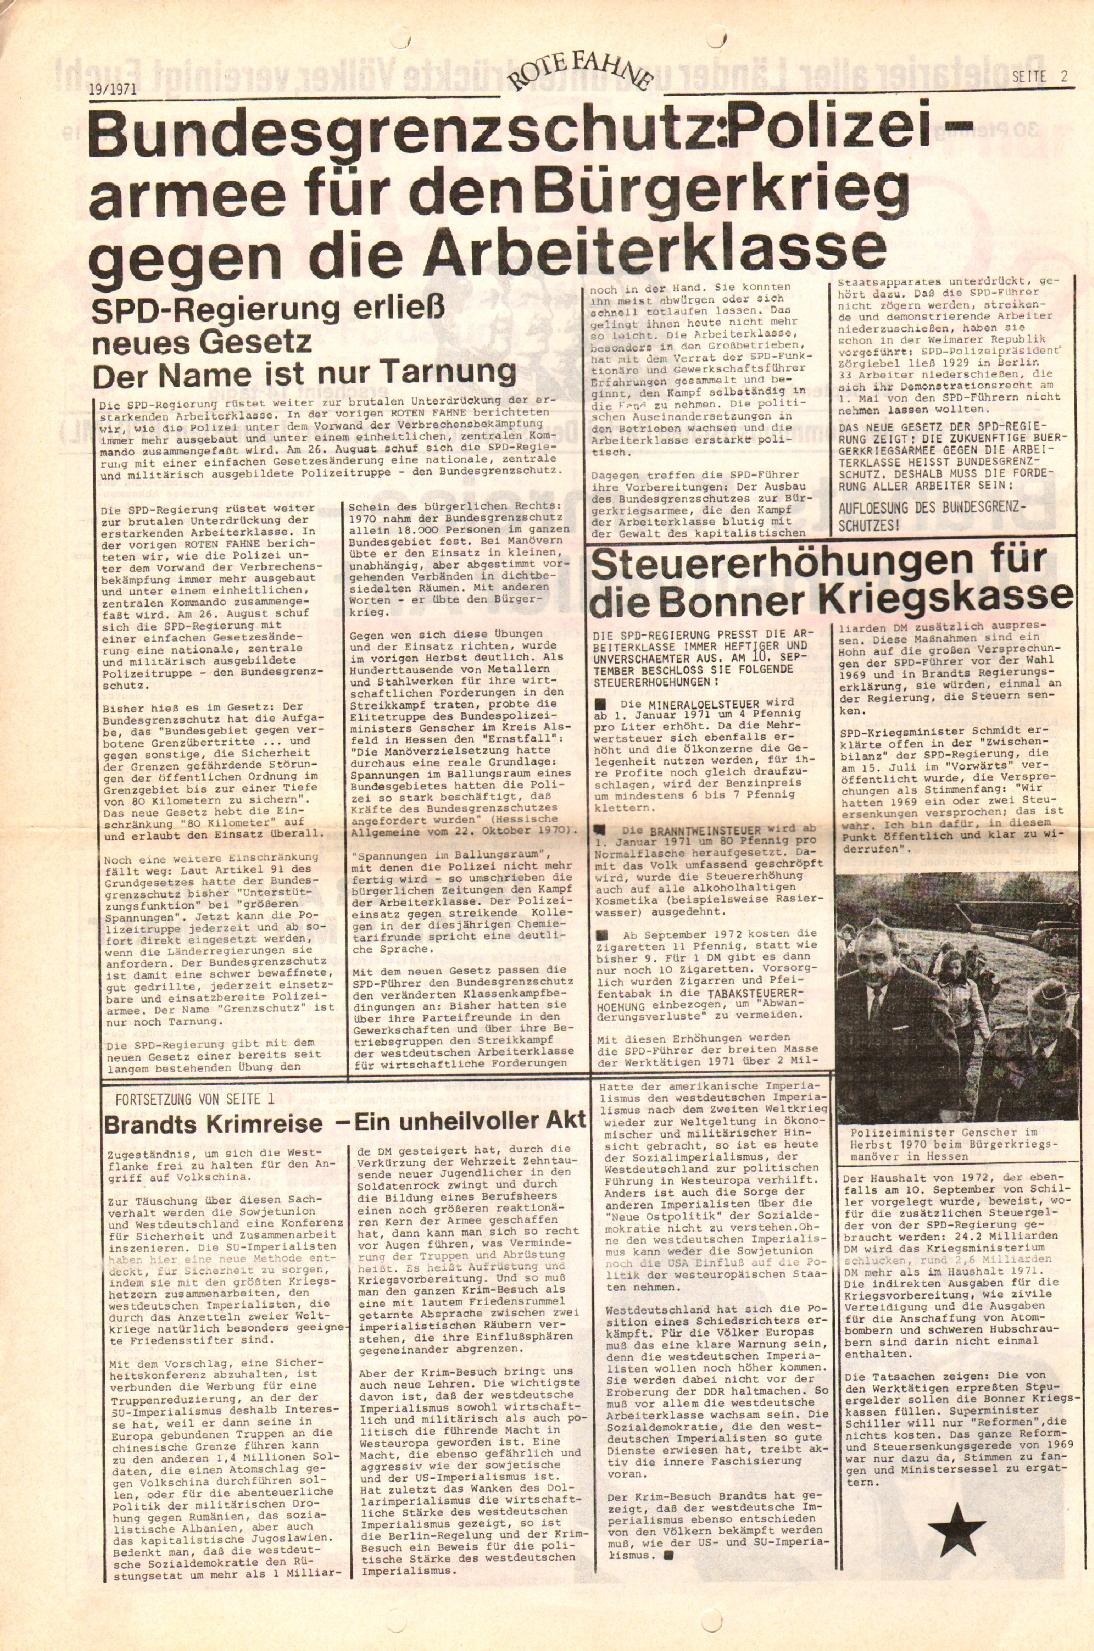 Rote Fahne, 2. Jg., 27.9.1971, Nr. 19, Seite 2